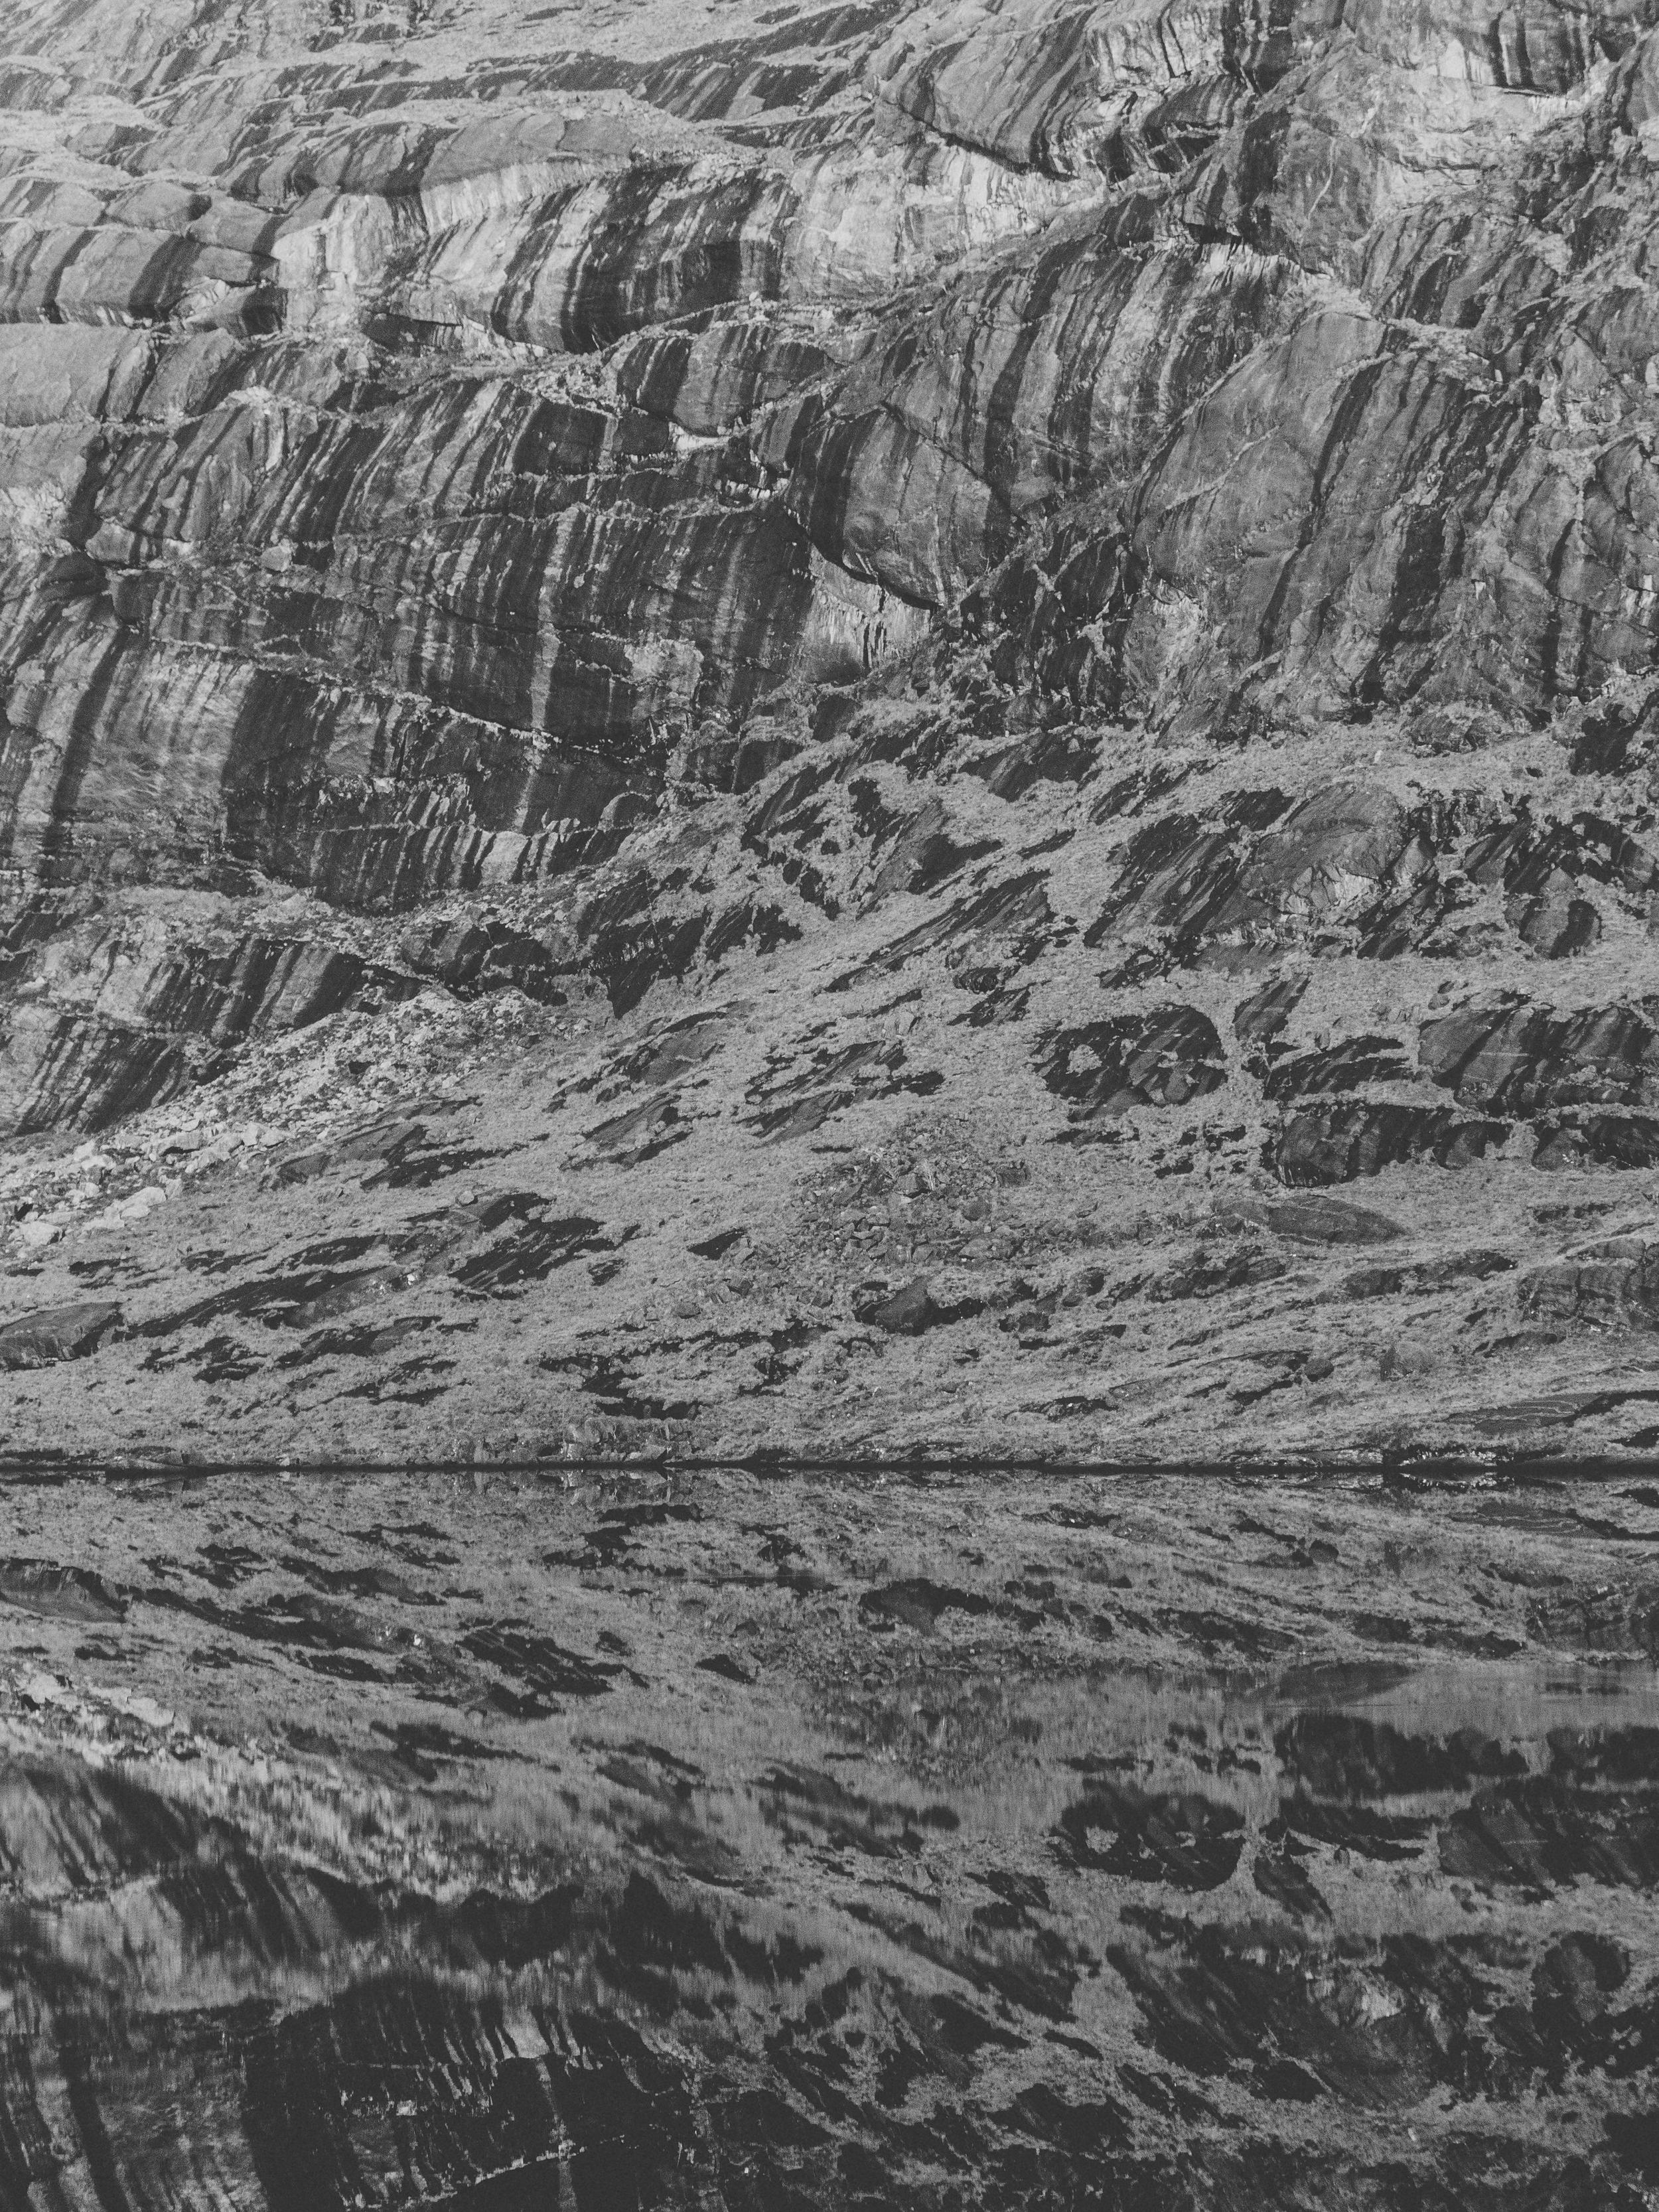 Haarkon Rock Harkon Mountain Range Pattern Nature